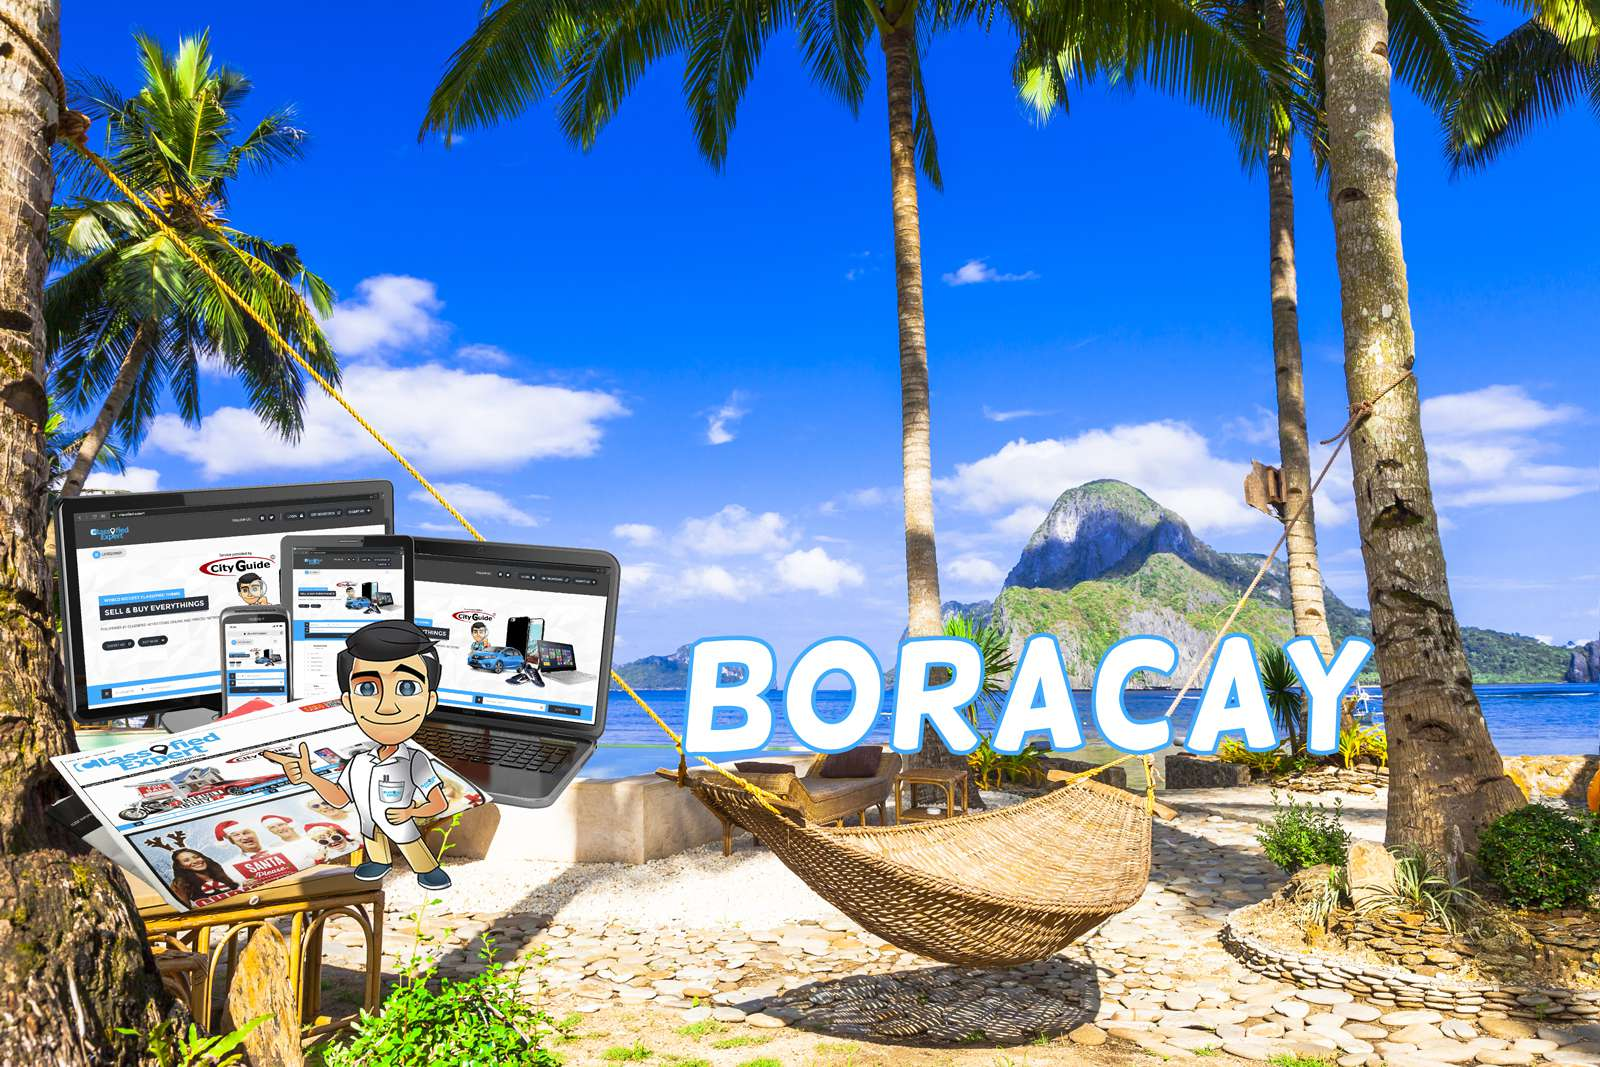 Boracay